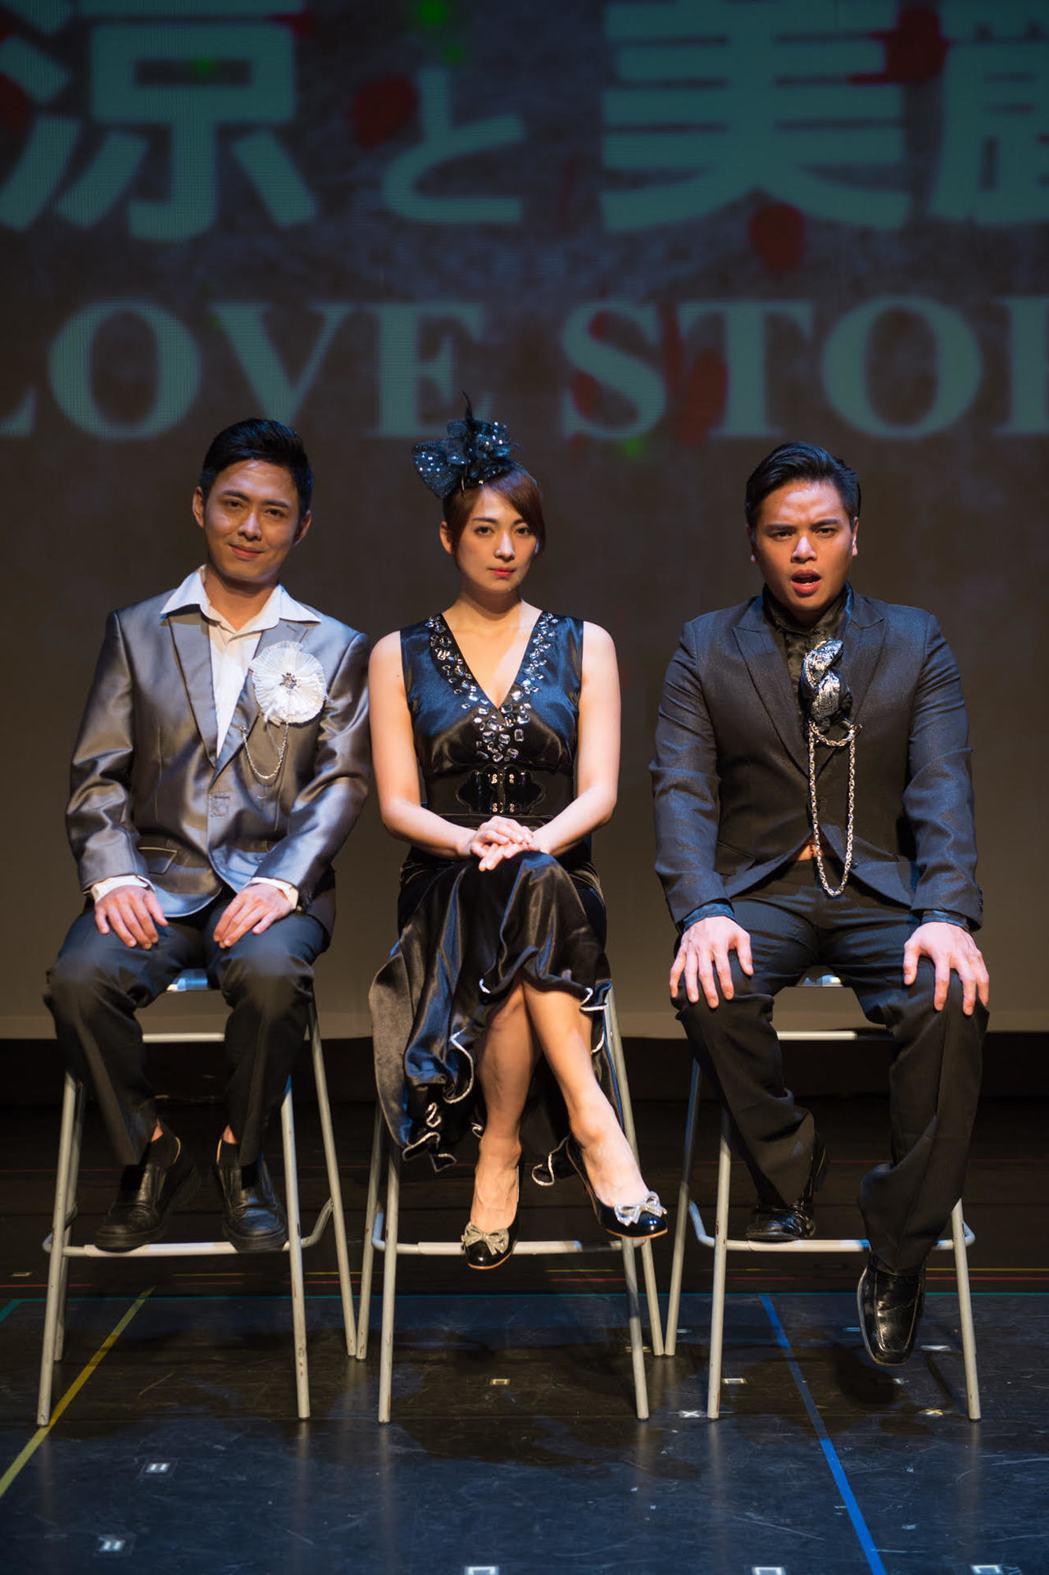 阿喜演出舞台劇分飾7角。圖/亮棠文創提供